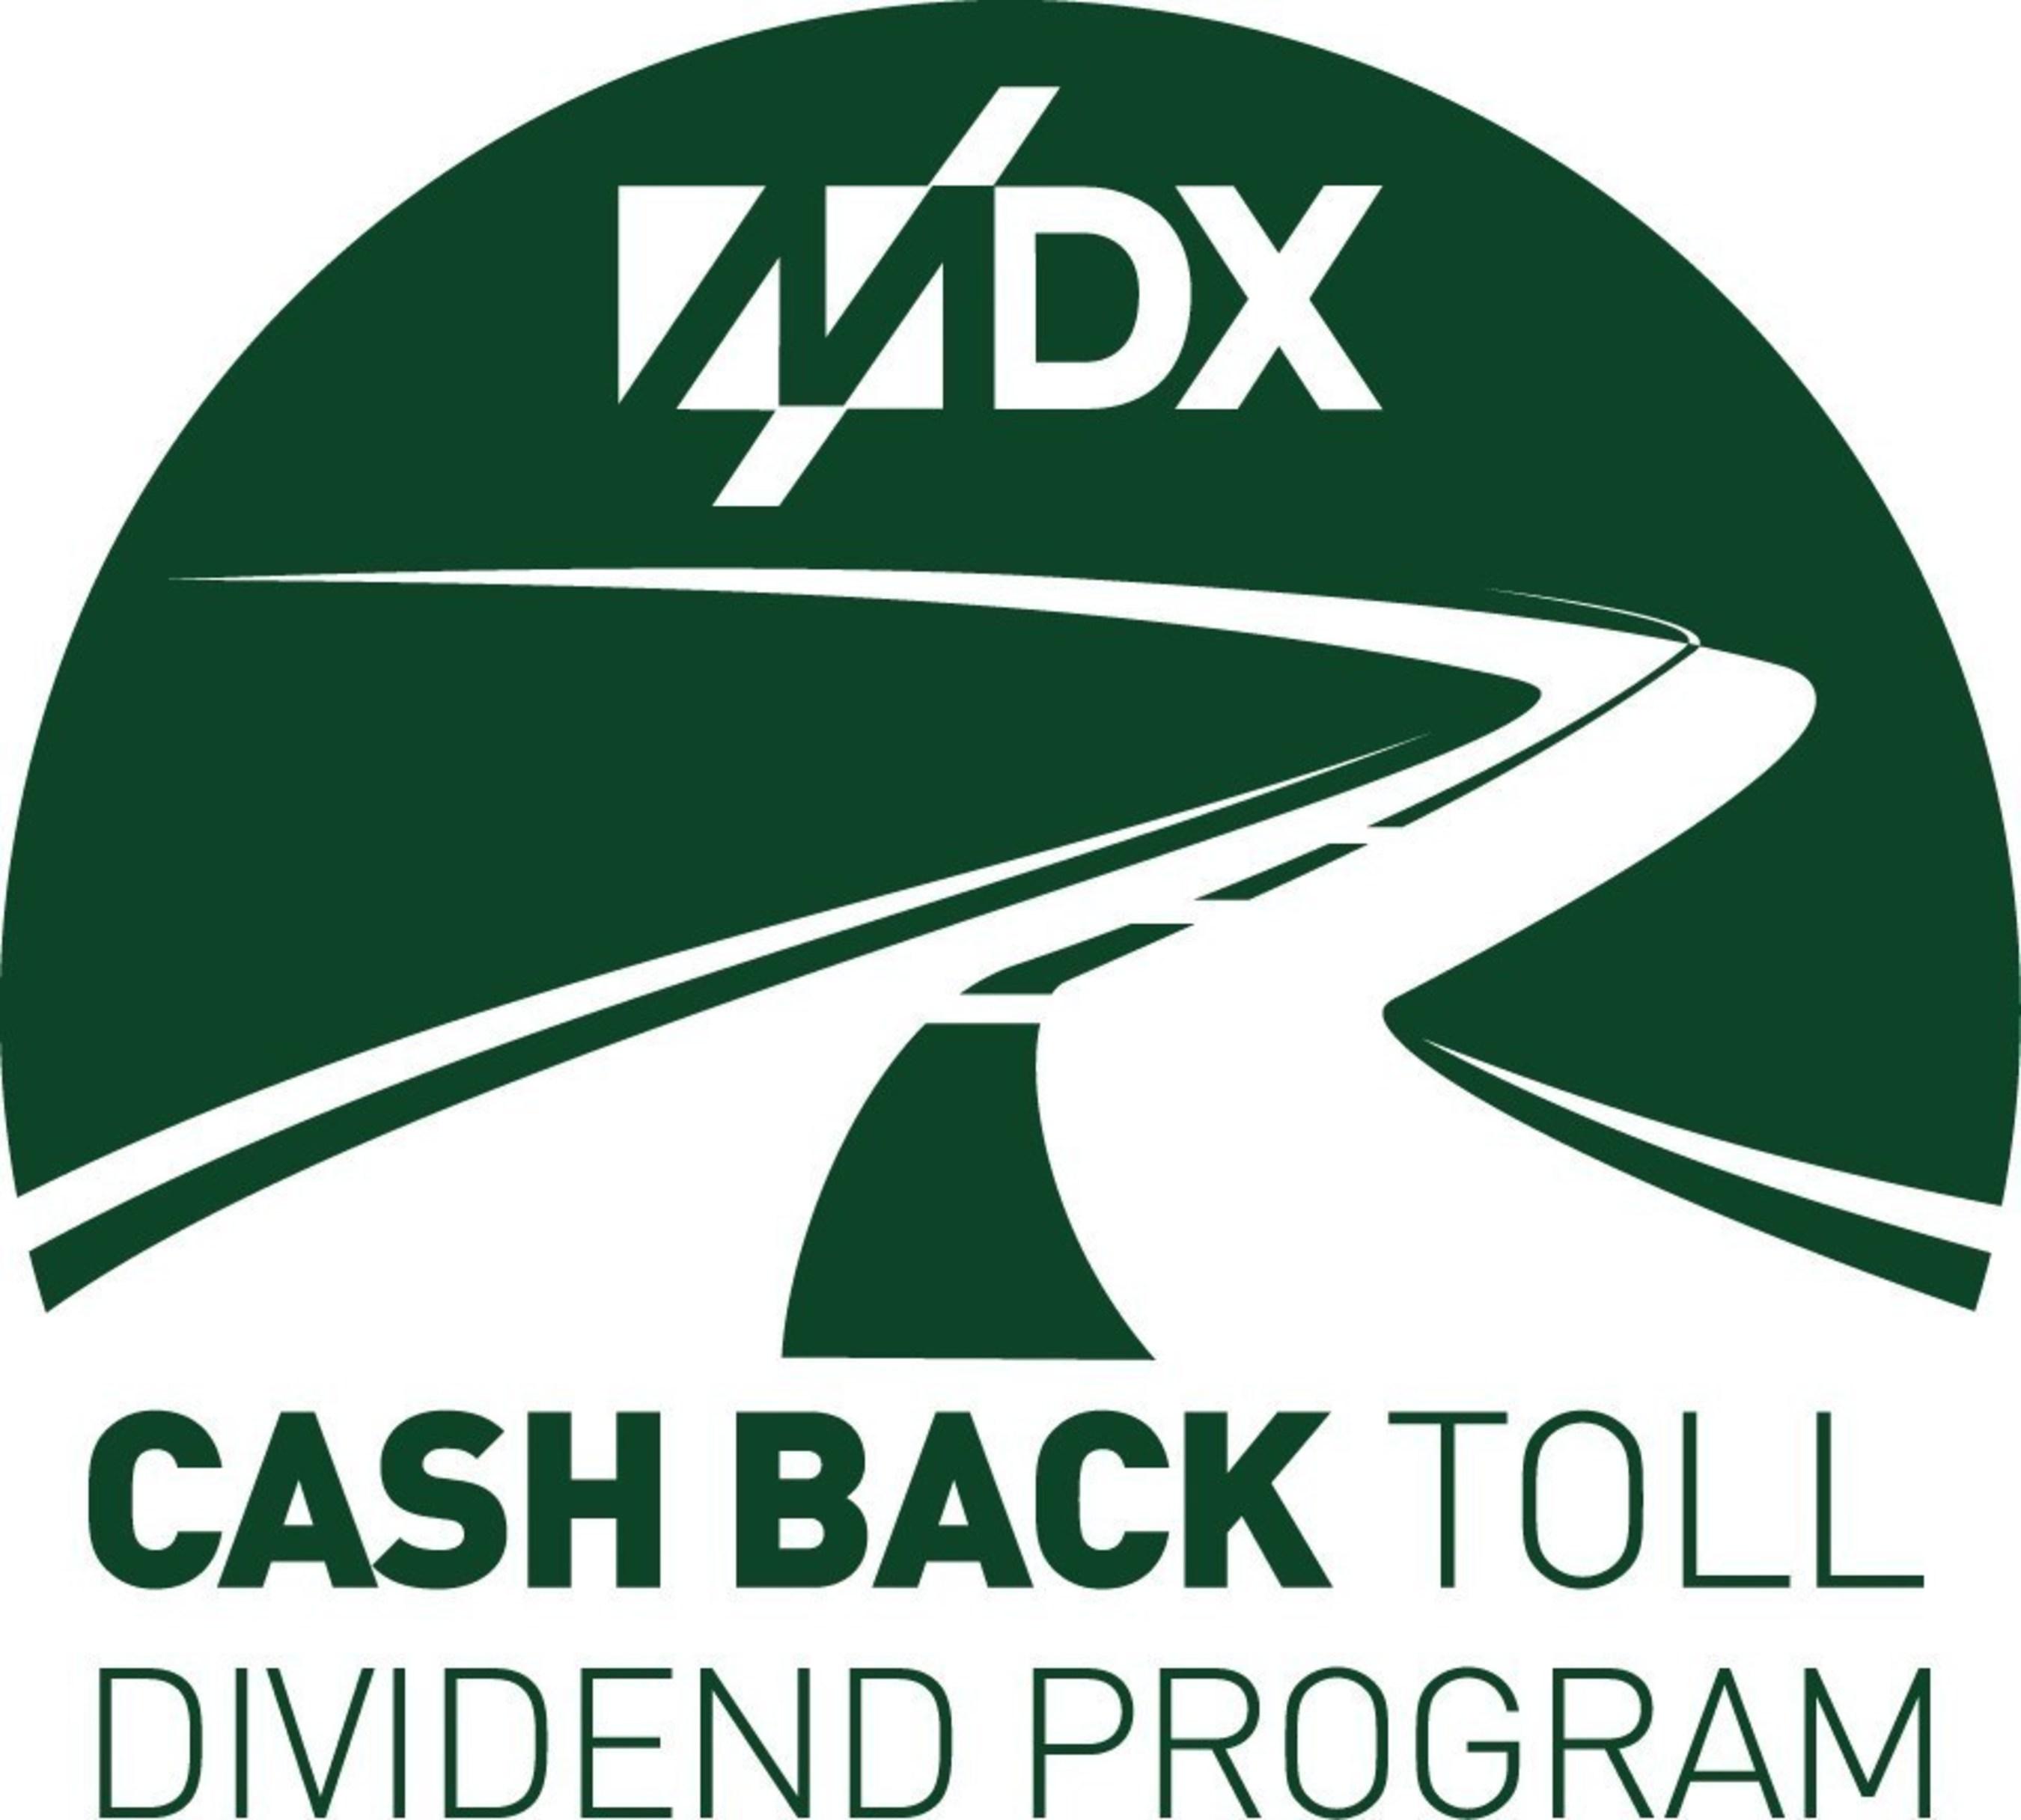 Open Enrollment for MDX Cash Back Toll Dividend Program Set